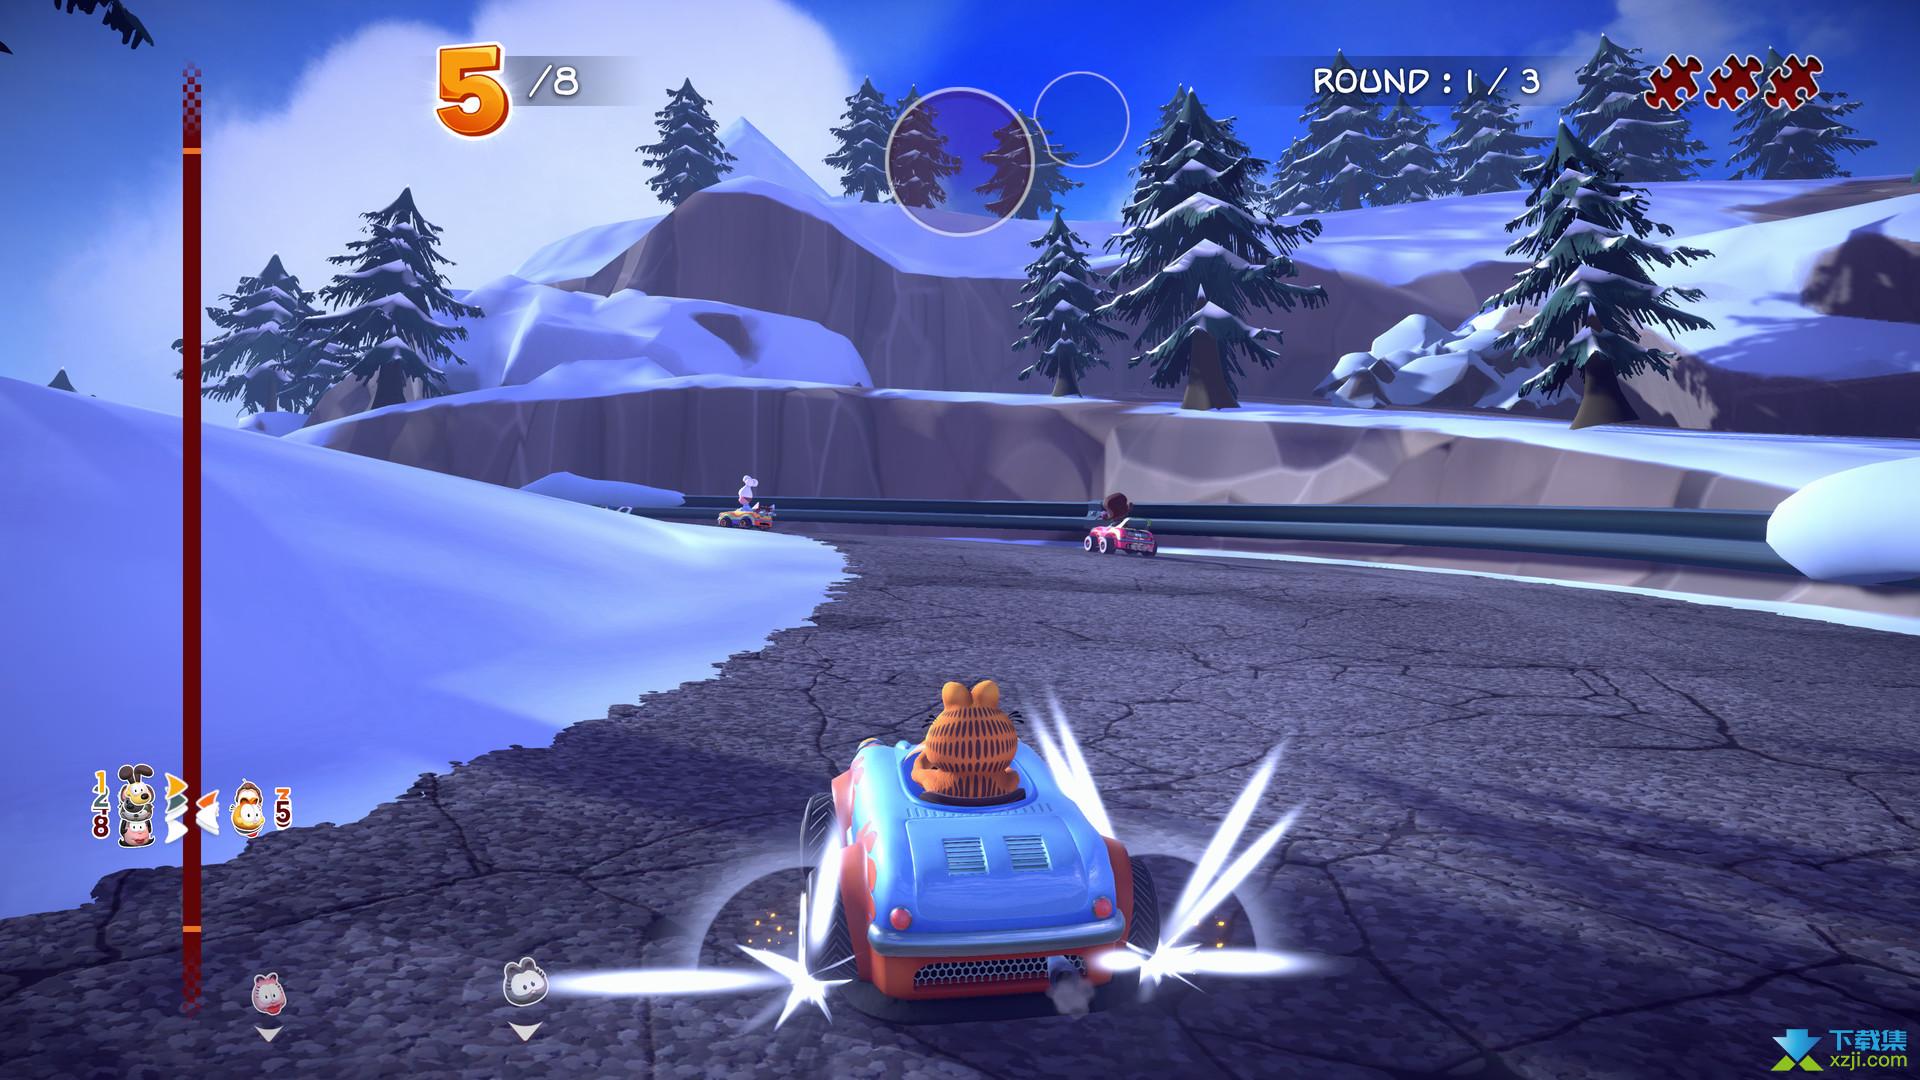 加菲猫卡丁车激情竞速界面3